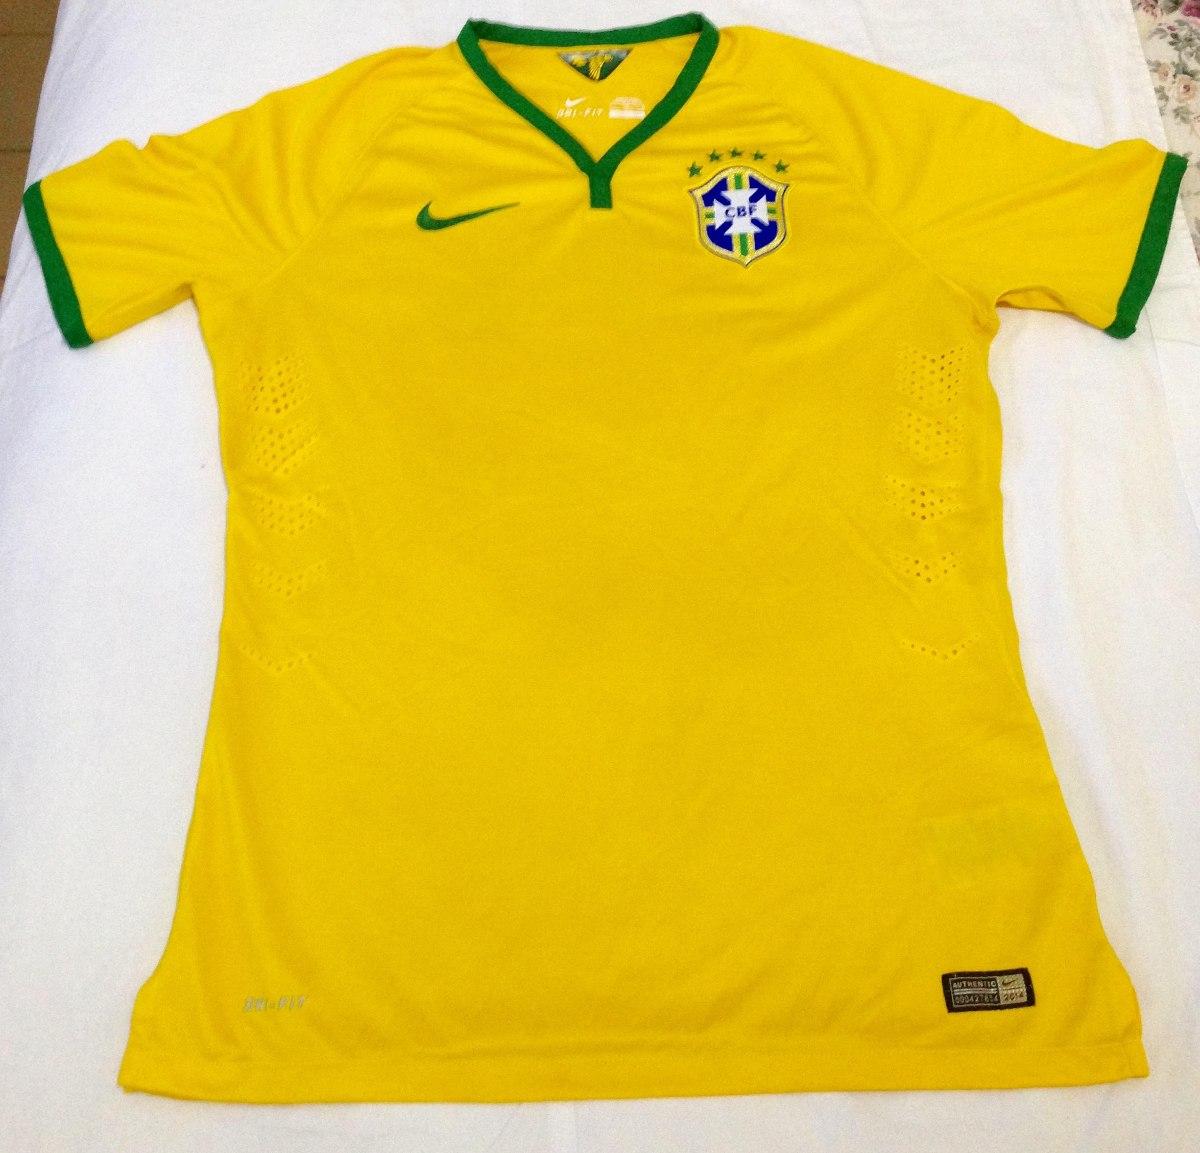 e948f9d86be8b Camisa Oficial Da Seleção Brasileira De Futebol - Copa 2014 - R  229 ...